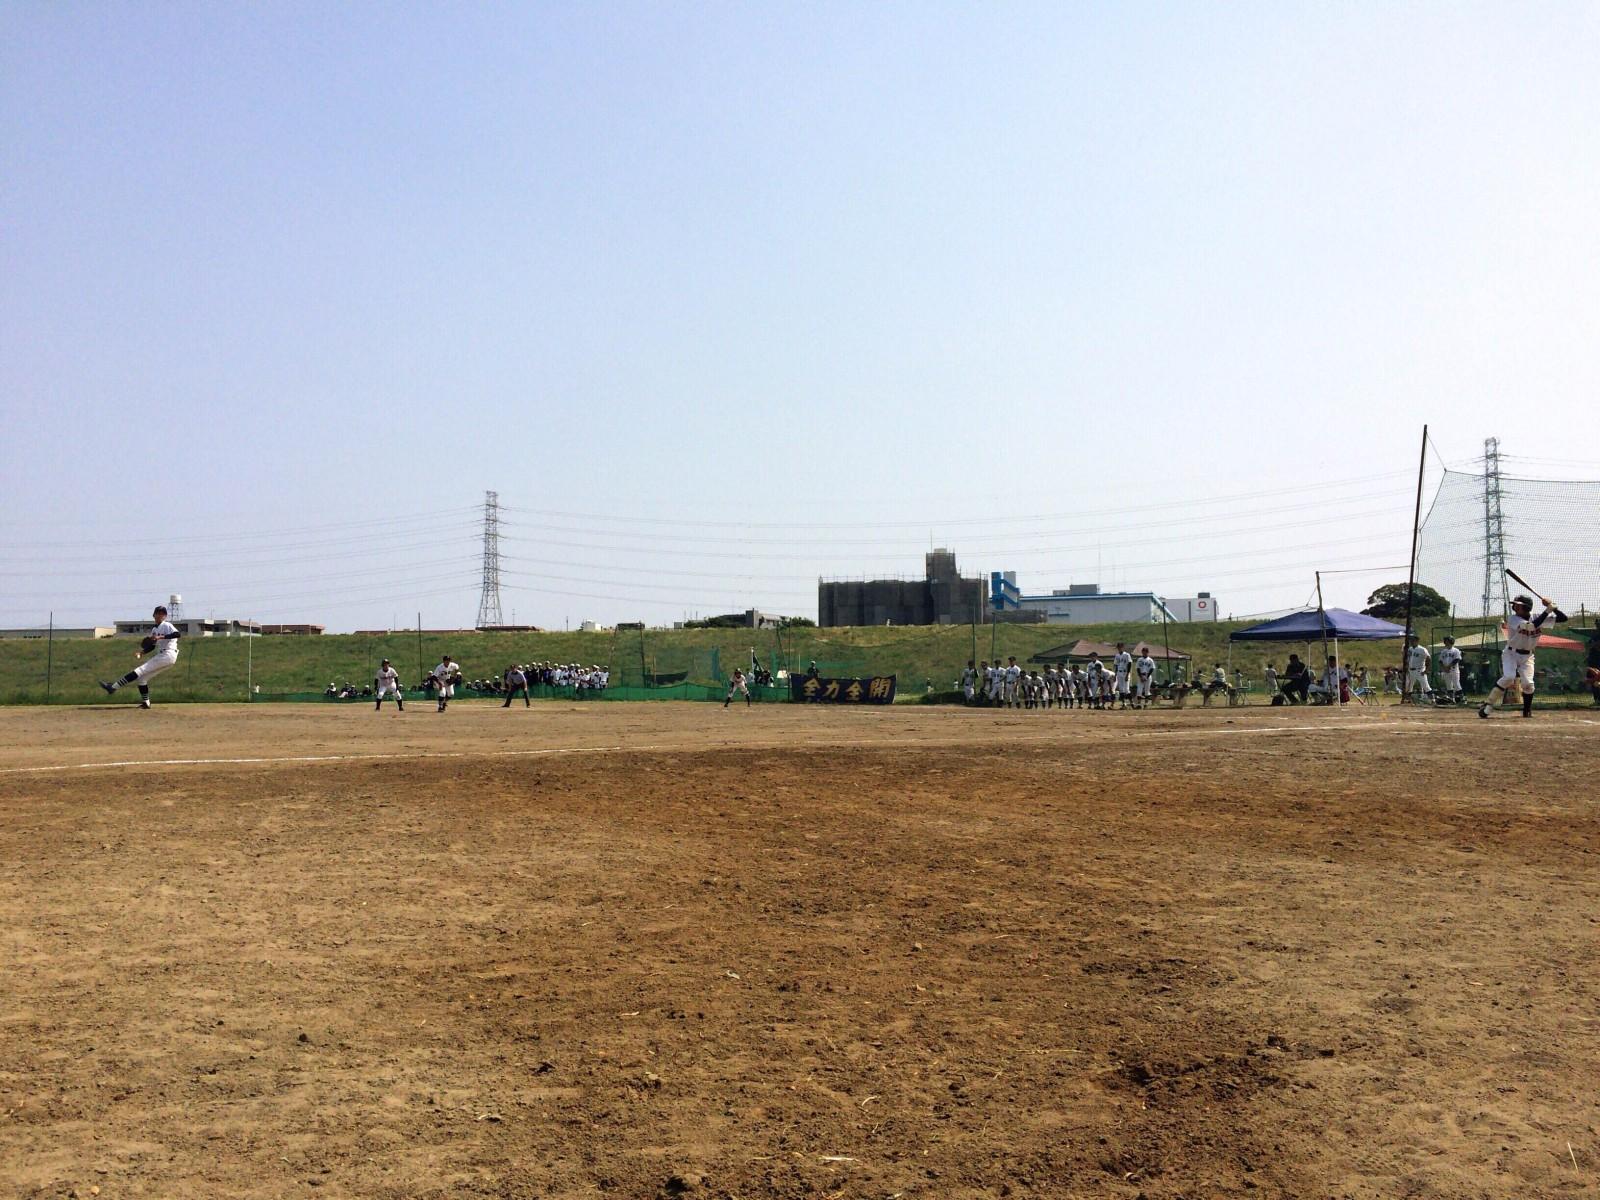 2016.05.22 2016 MEIKO CUP 関東連盟夏季大会 1回戦 静岡中央リトルシニア戦